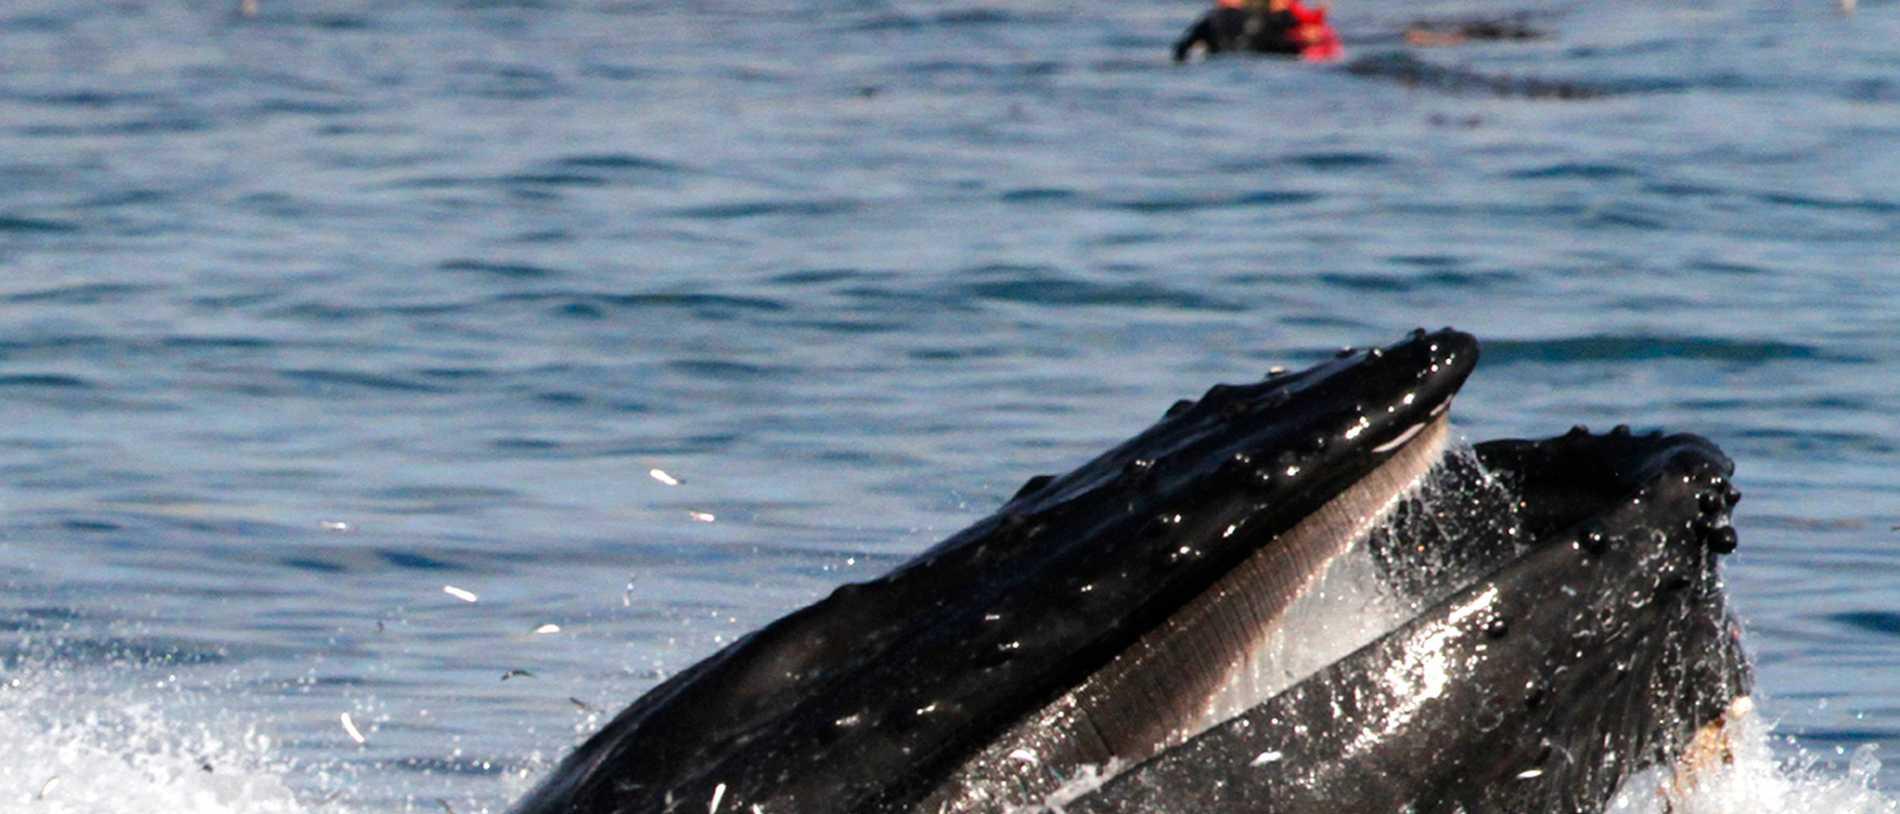 Stor val har strandat på Öland